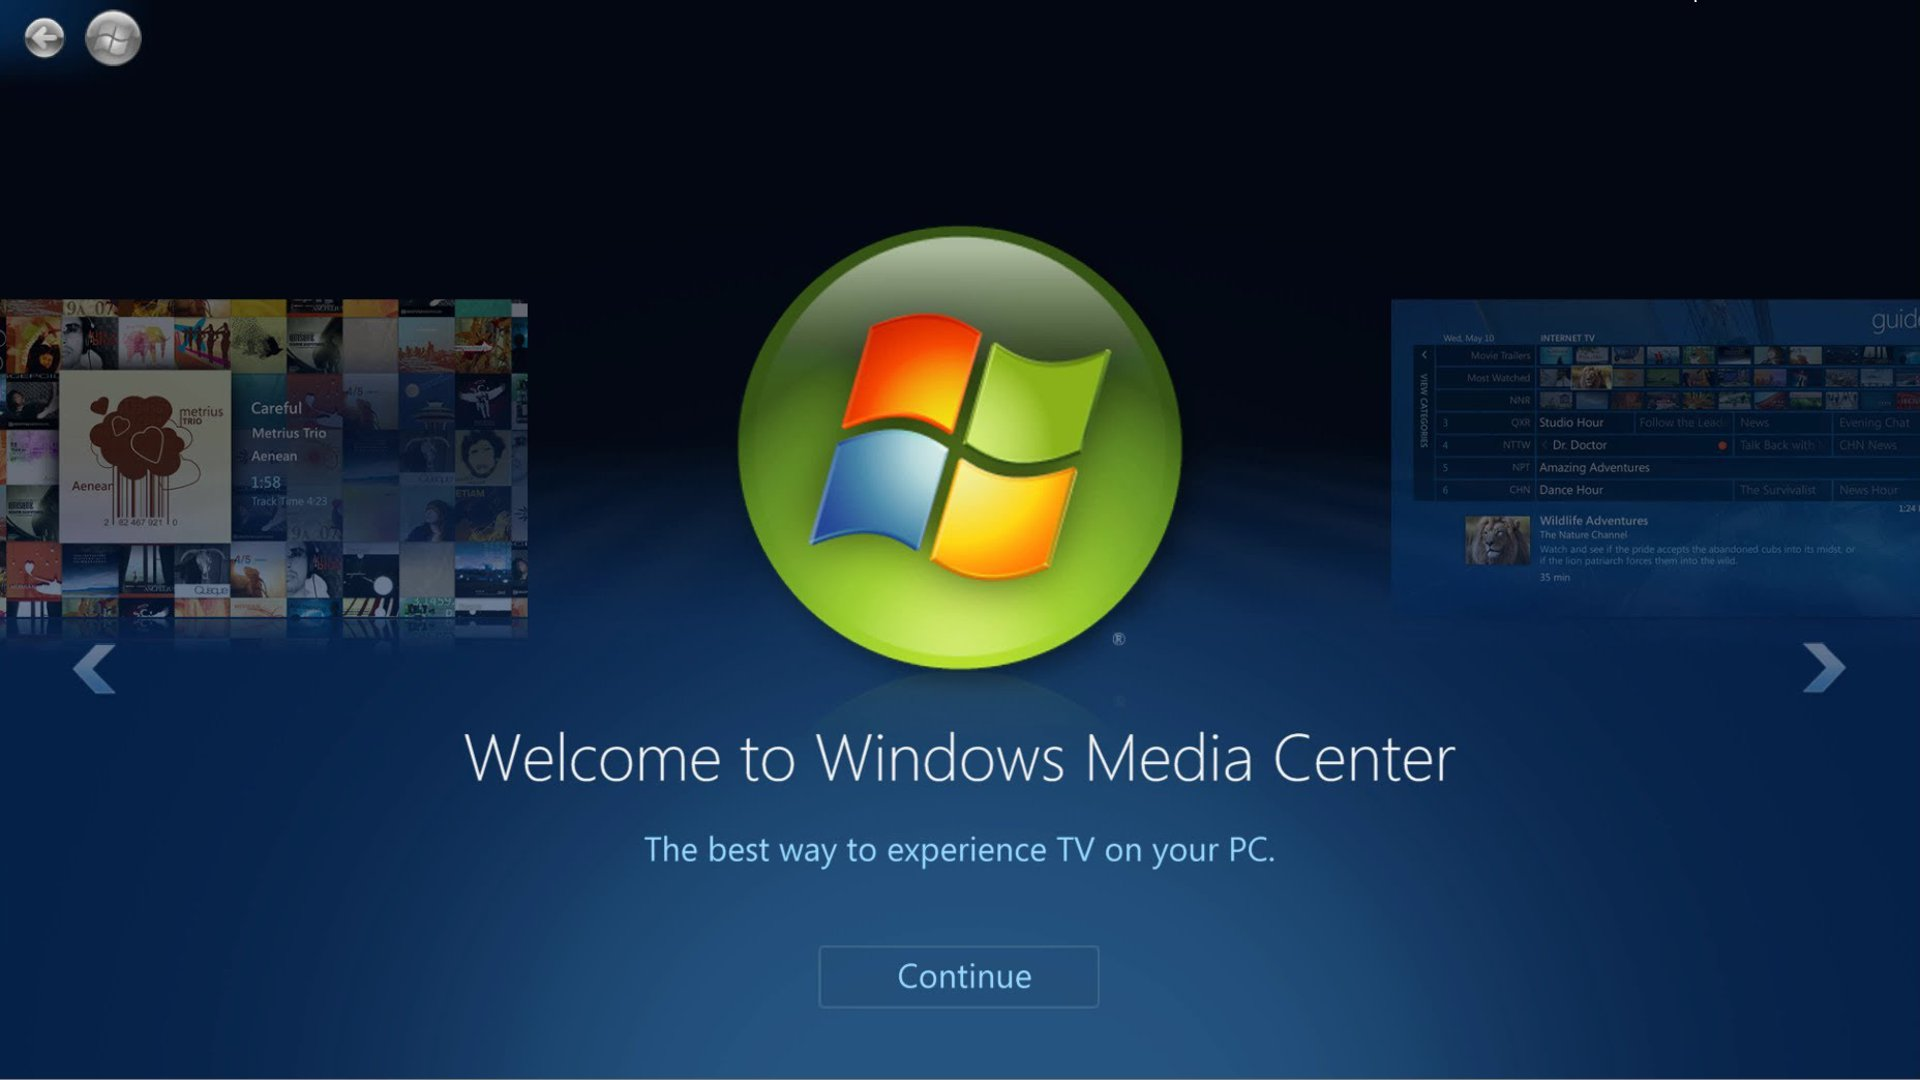 No Windows Media center For Windows 10 - Prime Inspiration